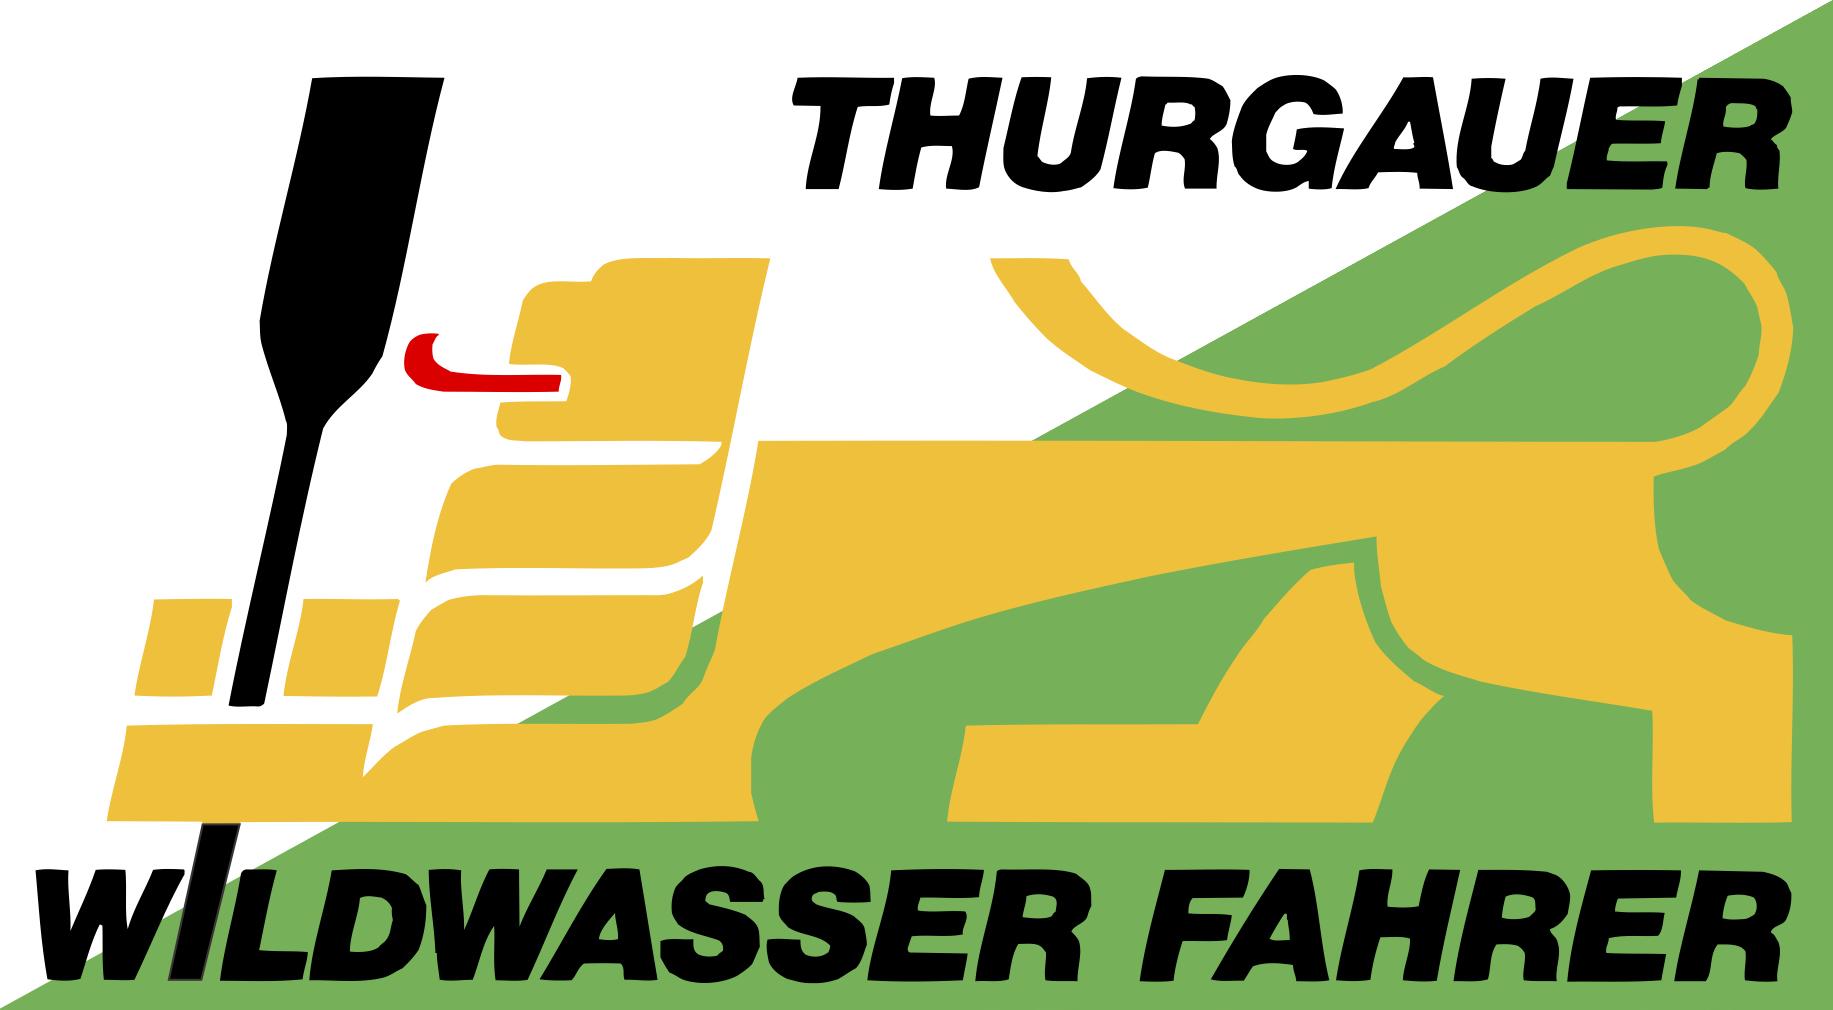 Thurgauer Wildwasser Fahrer